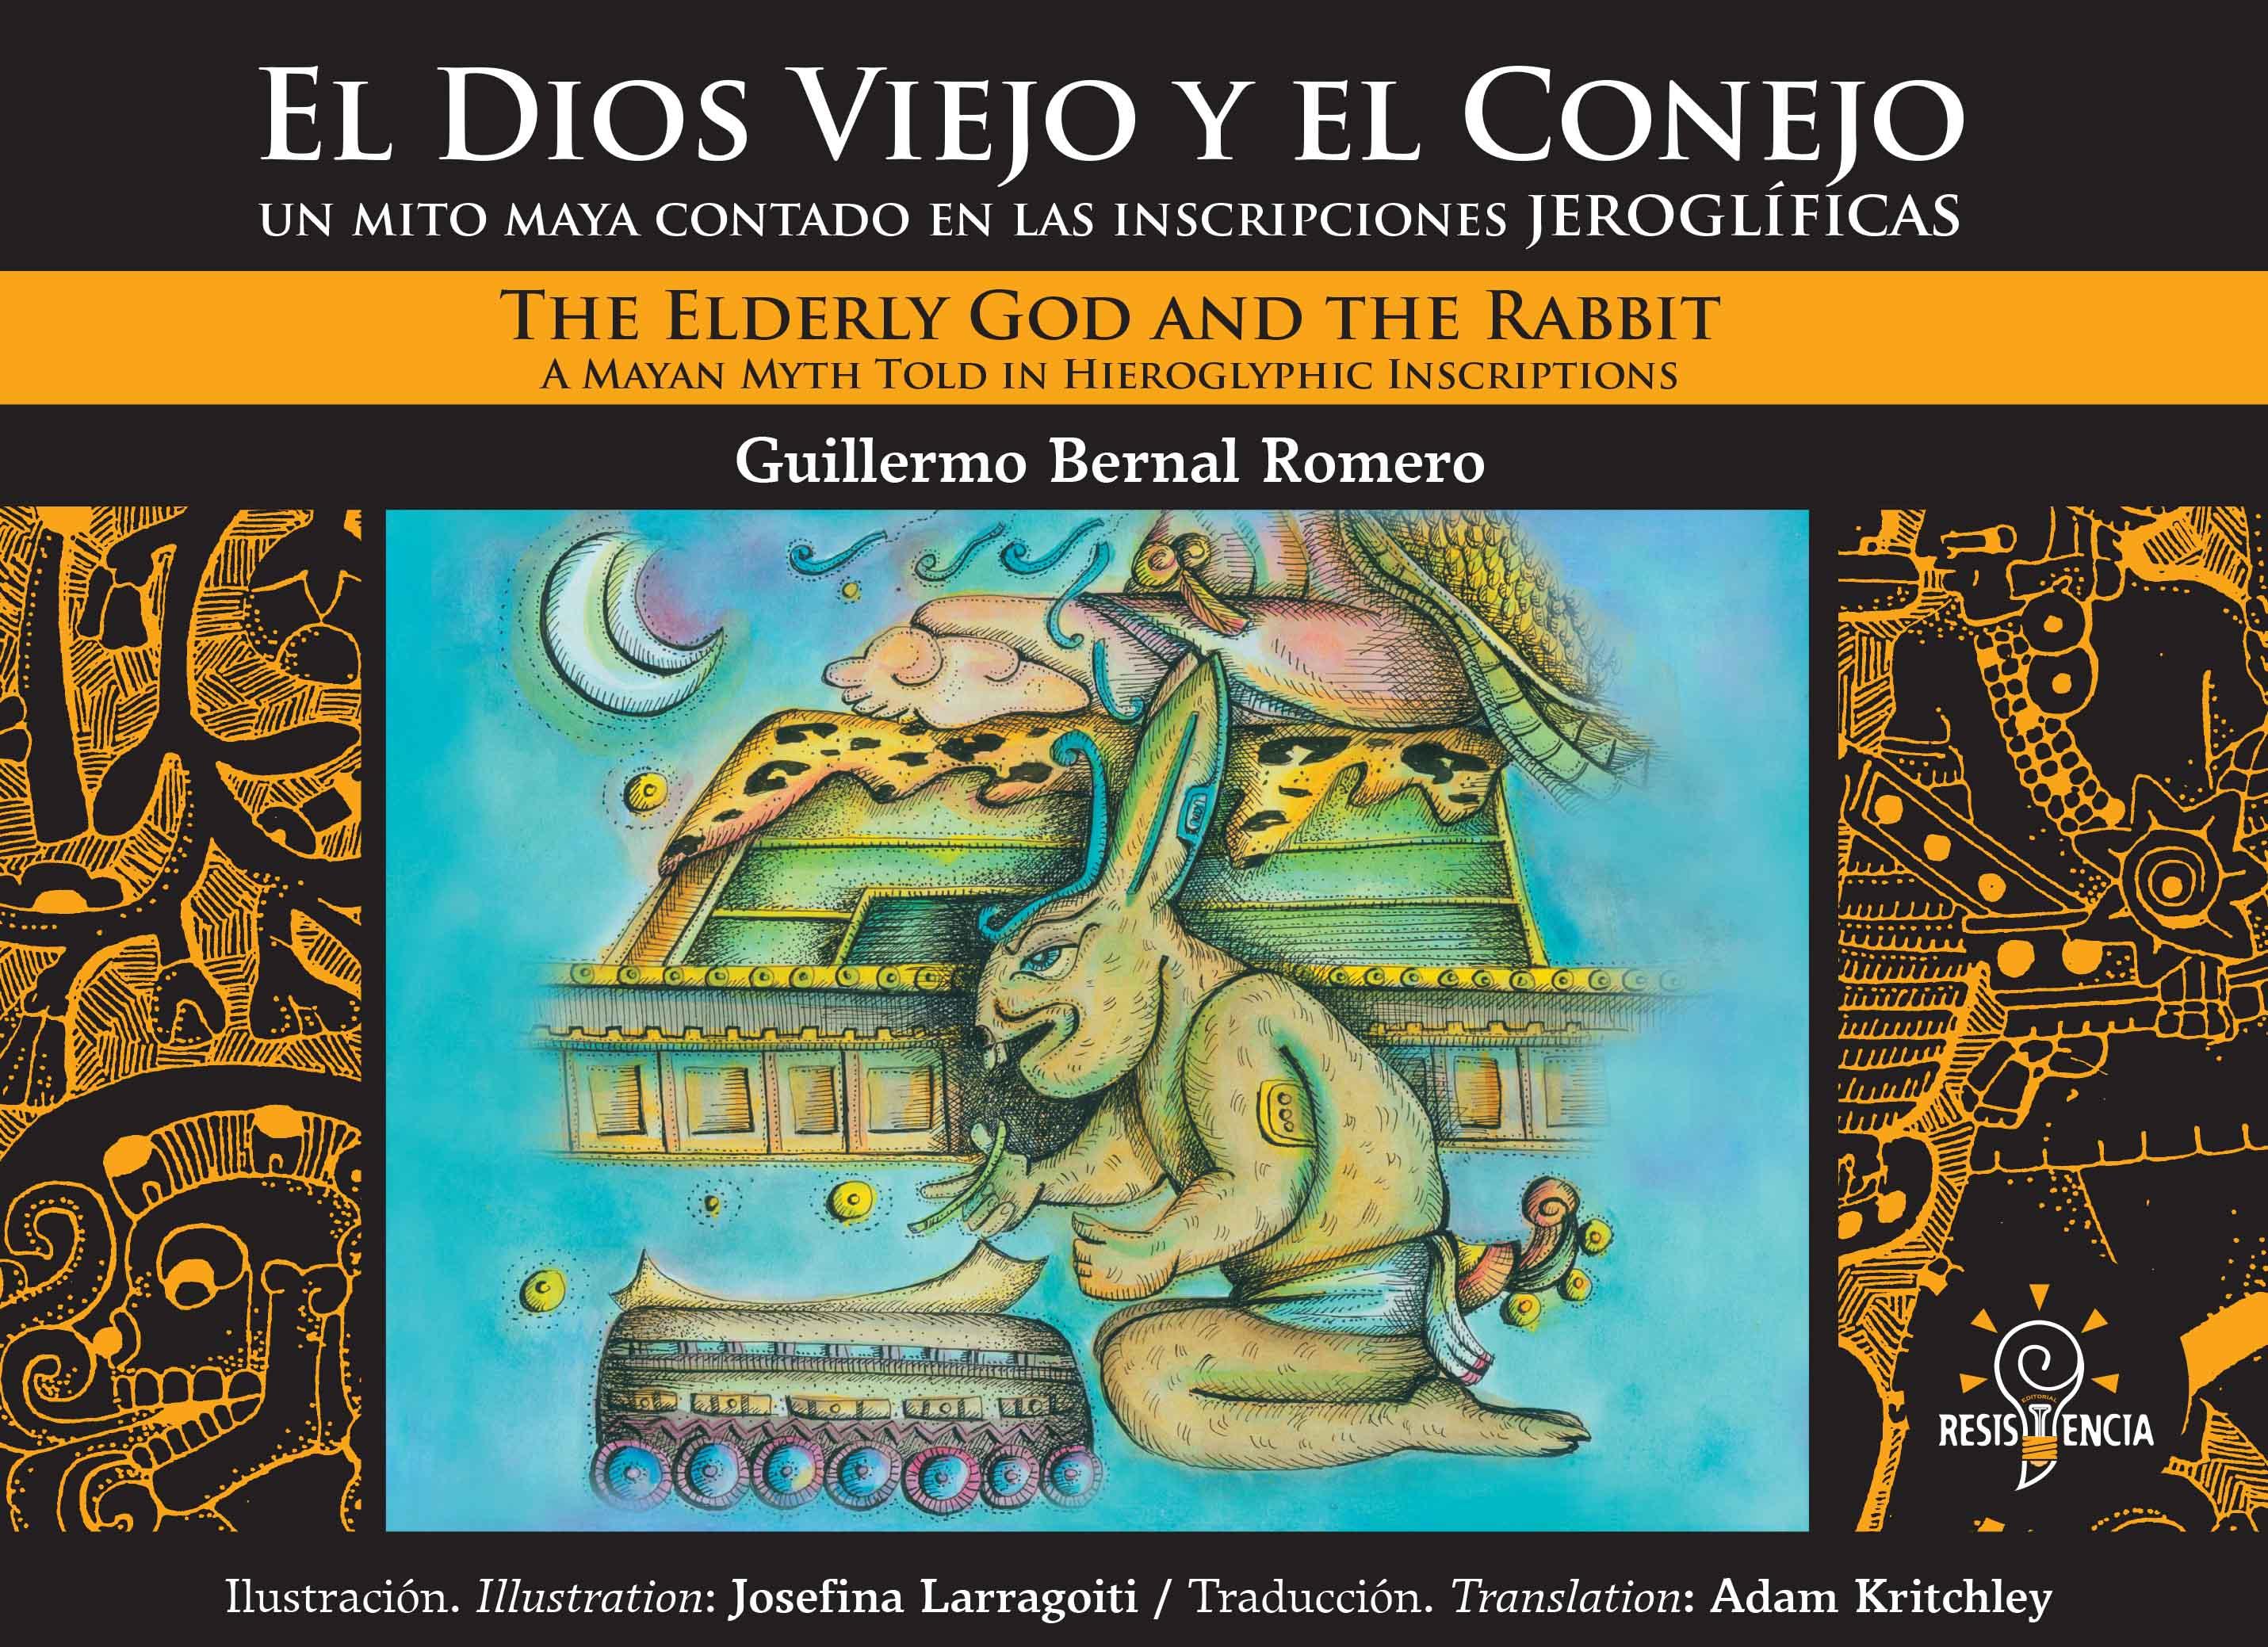 El dios viejo y el conejo